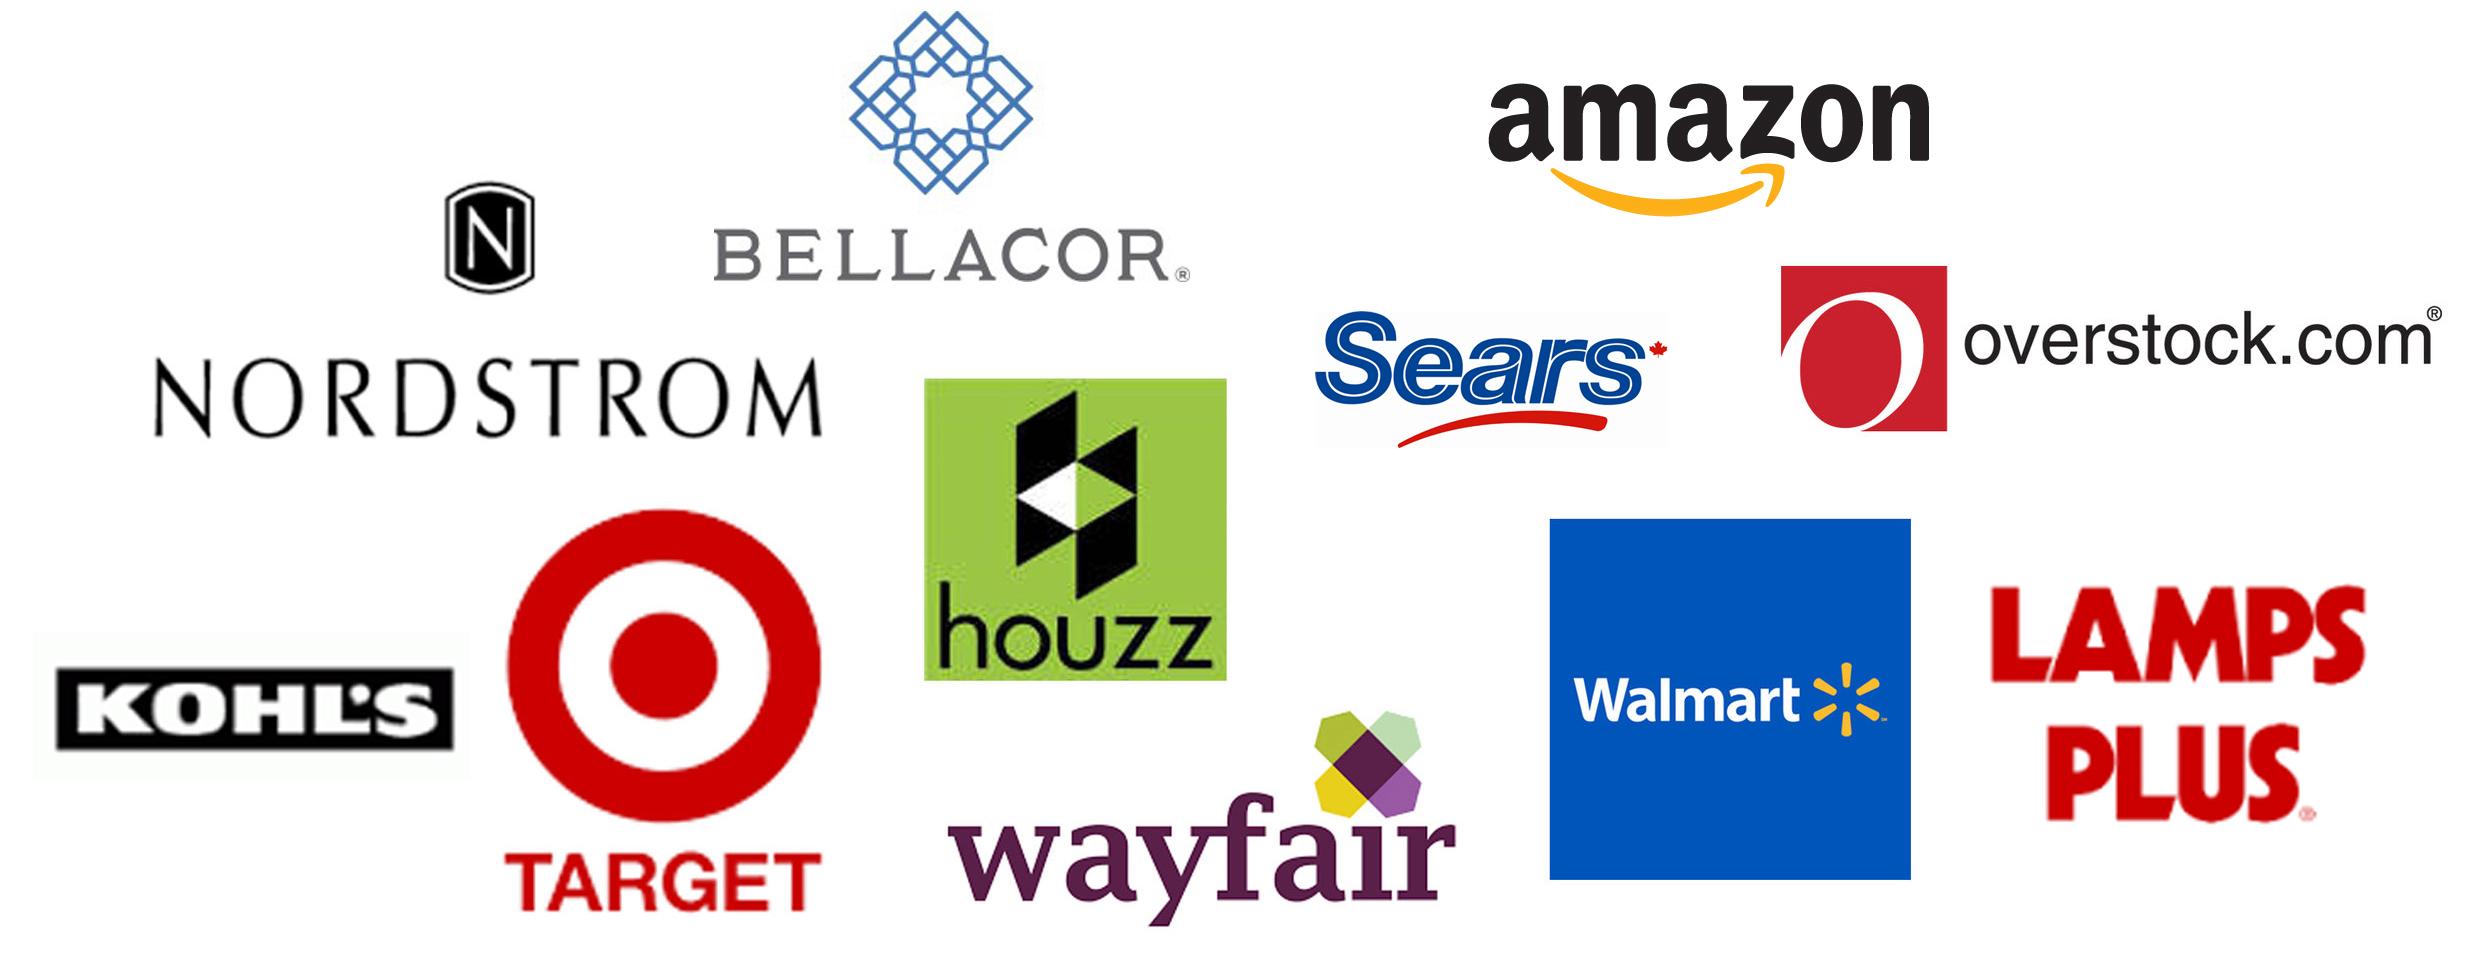 RK Retailers